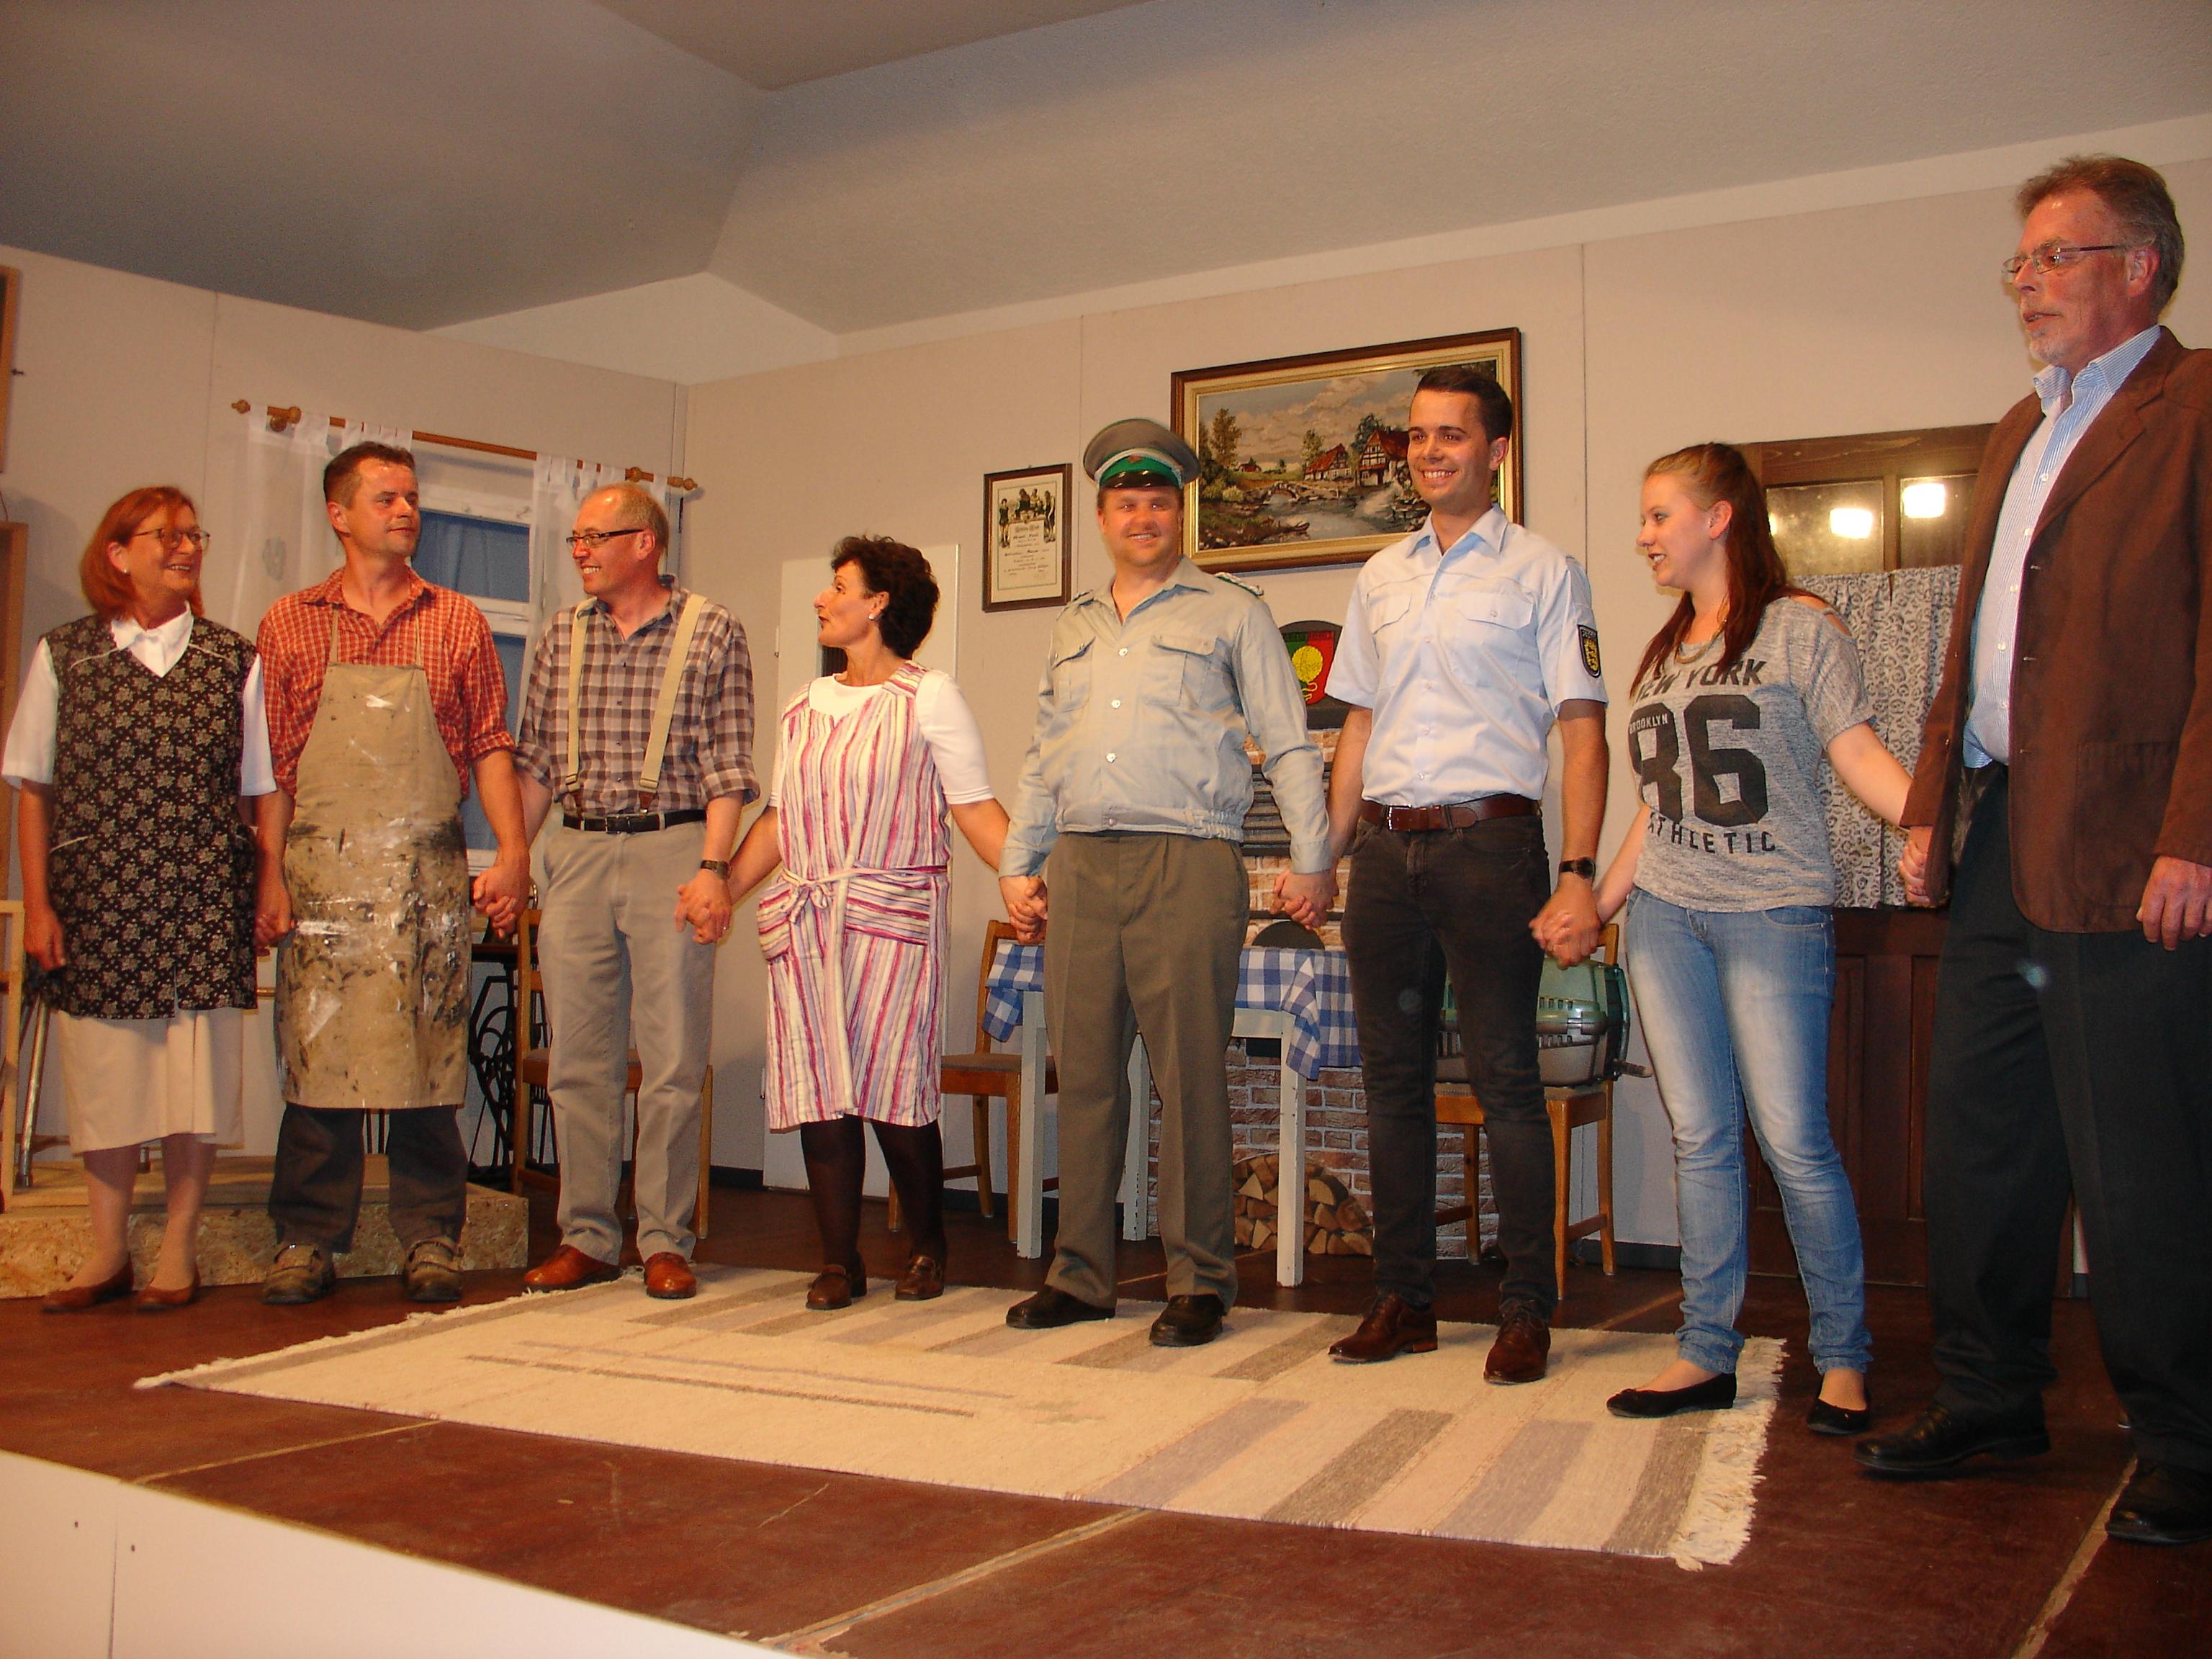 Theater im Bürgerhaus: Sau und Robby gesucht – Singen in Hohengehren